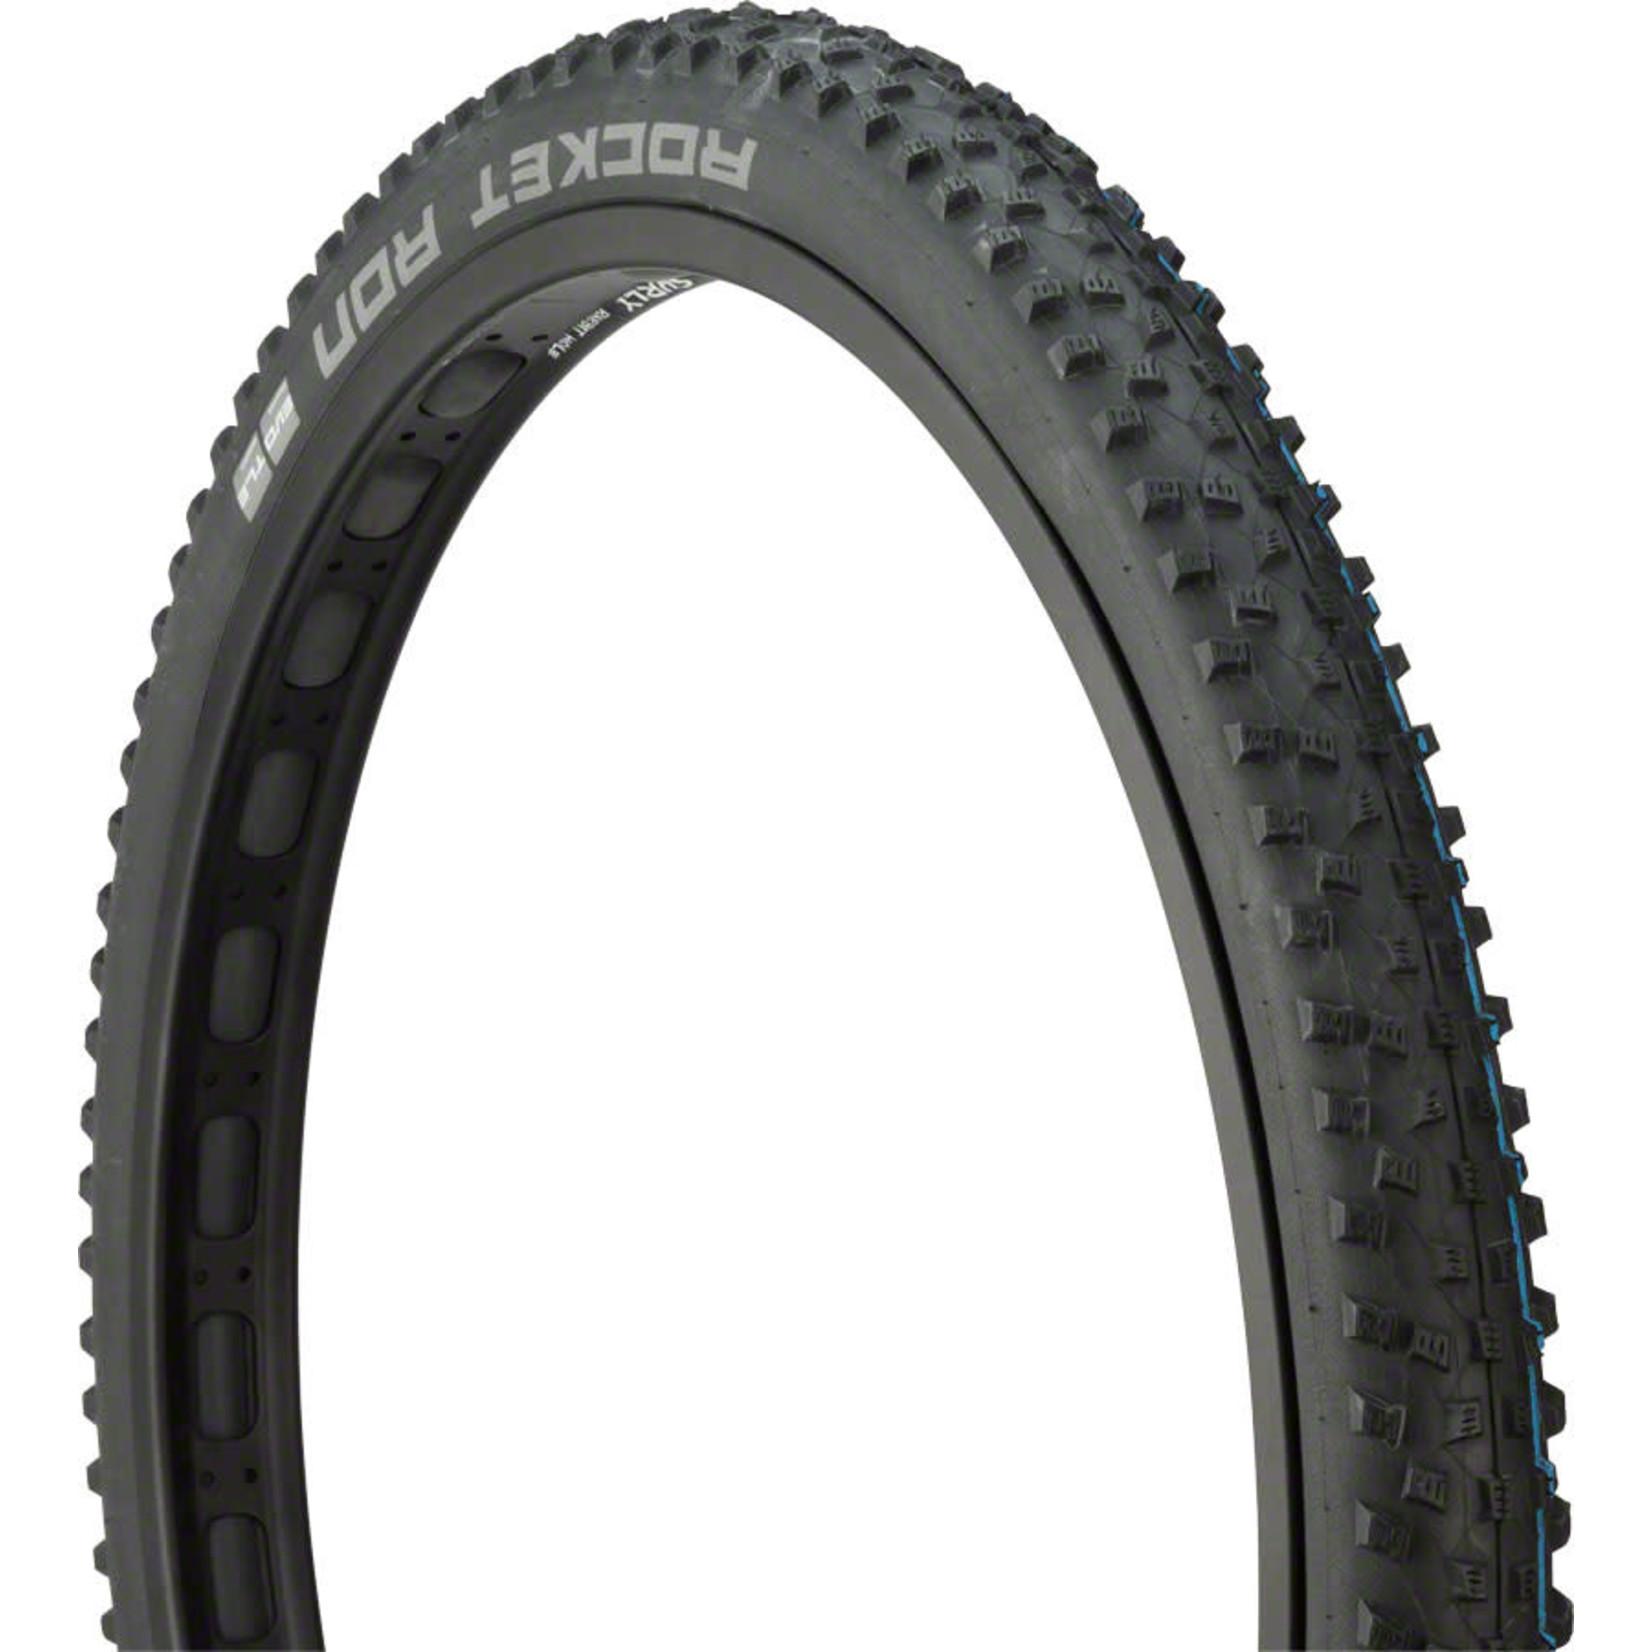 Schwalbe Schwalbe Rocket Ron Tire - 29 x 2.25, Tubeless, Folding, Black, Evolution, Super Ground, Addix SpeedGrip